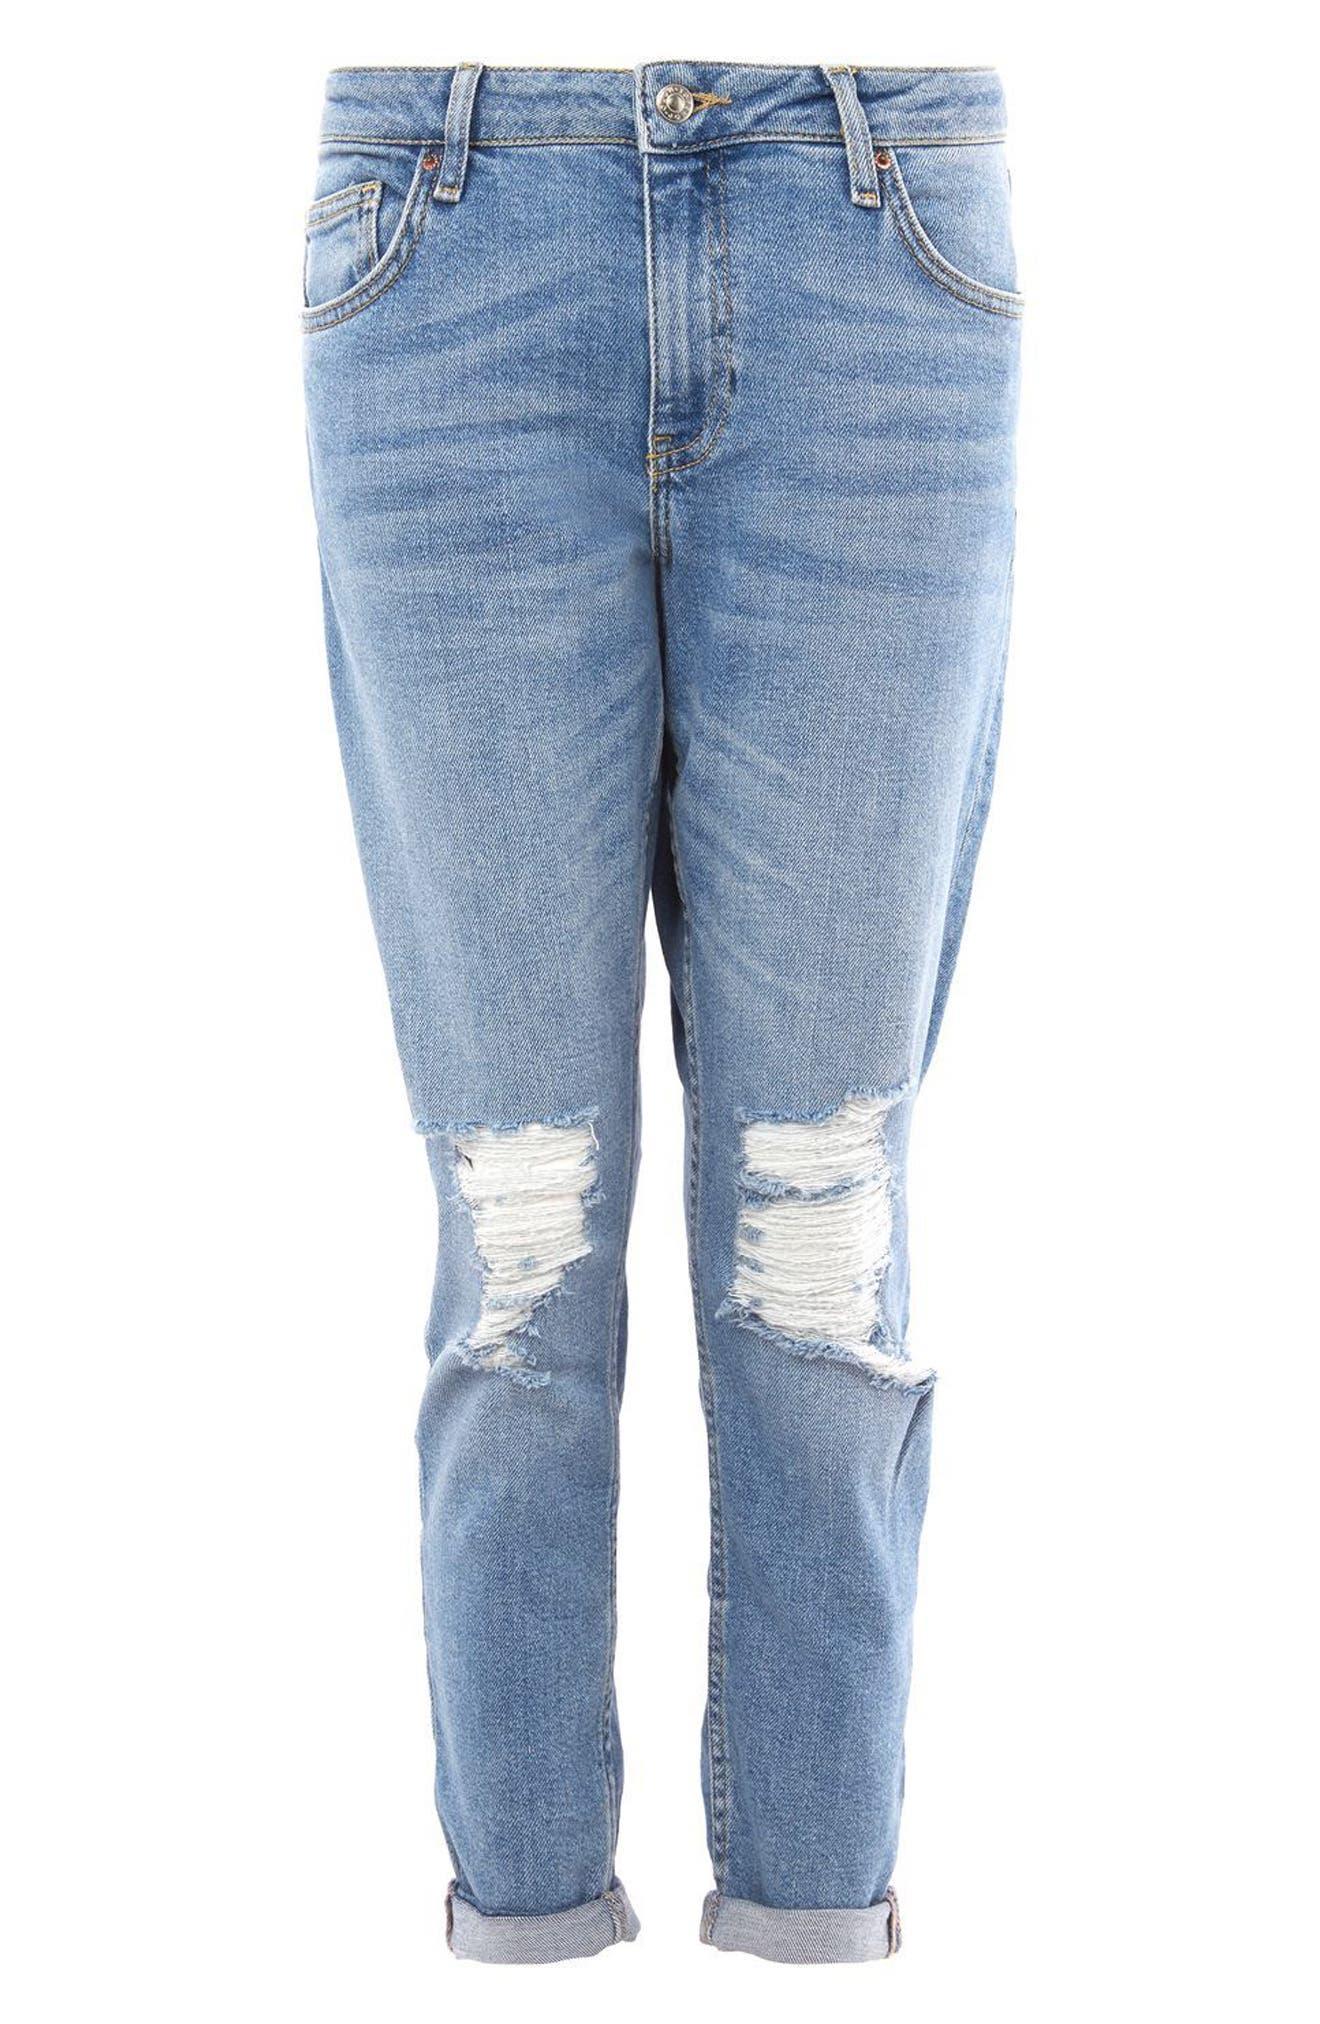 Lucas Rip Boyfriend Jeans,                             Alternate thumbnail 3, color,